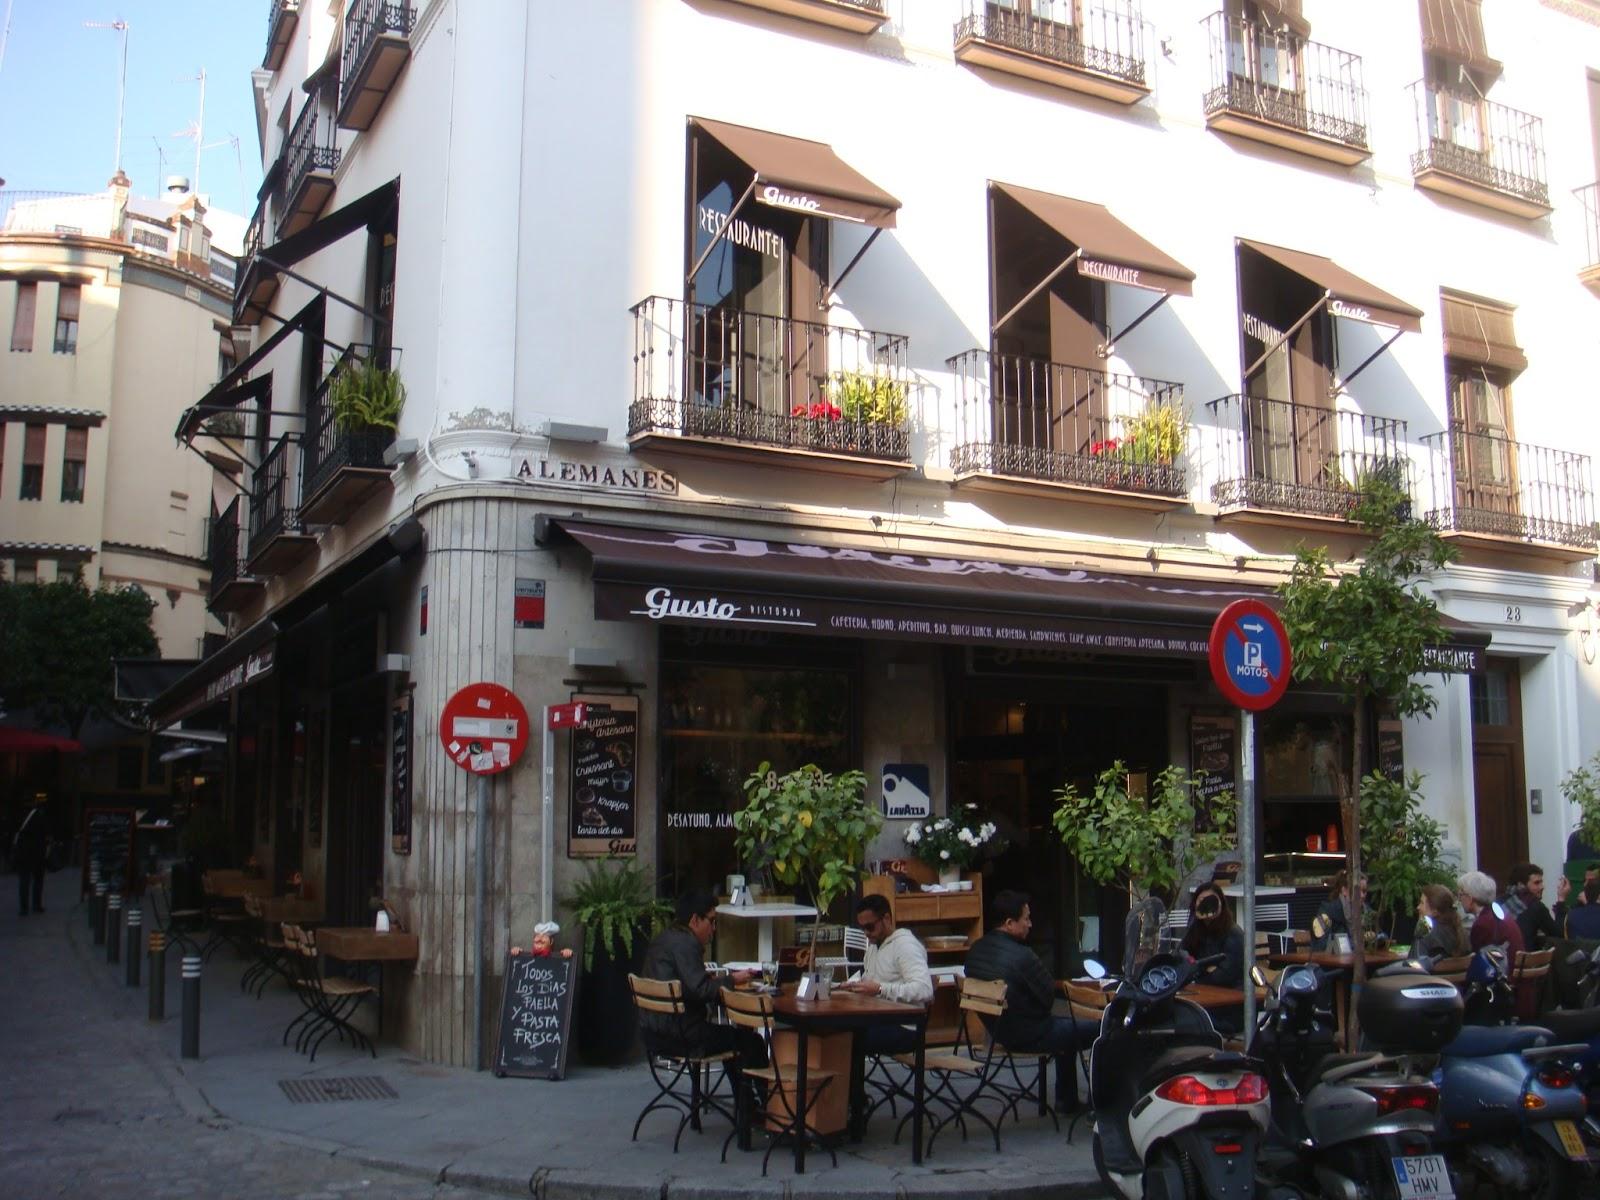 Restaurante italiano gusto bares de tapas de sevilla - Decoracion de bares de tapas ...